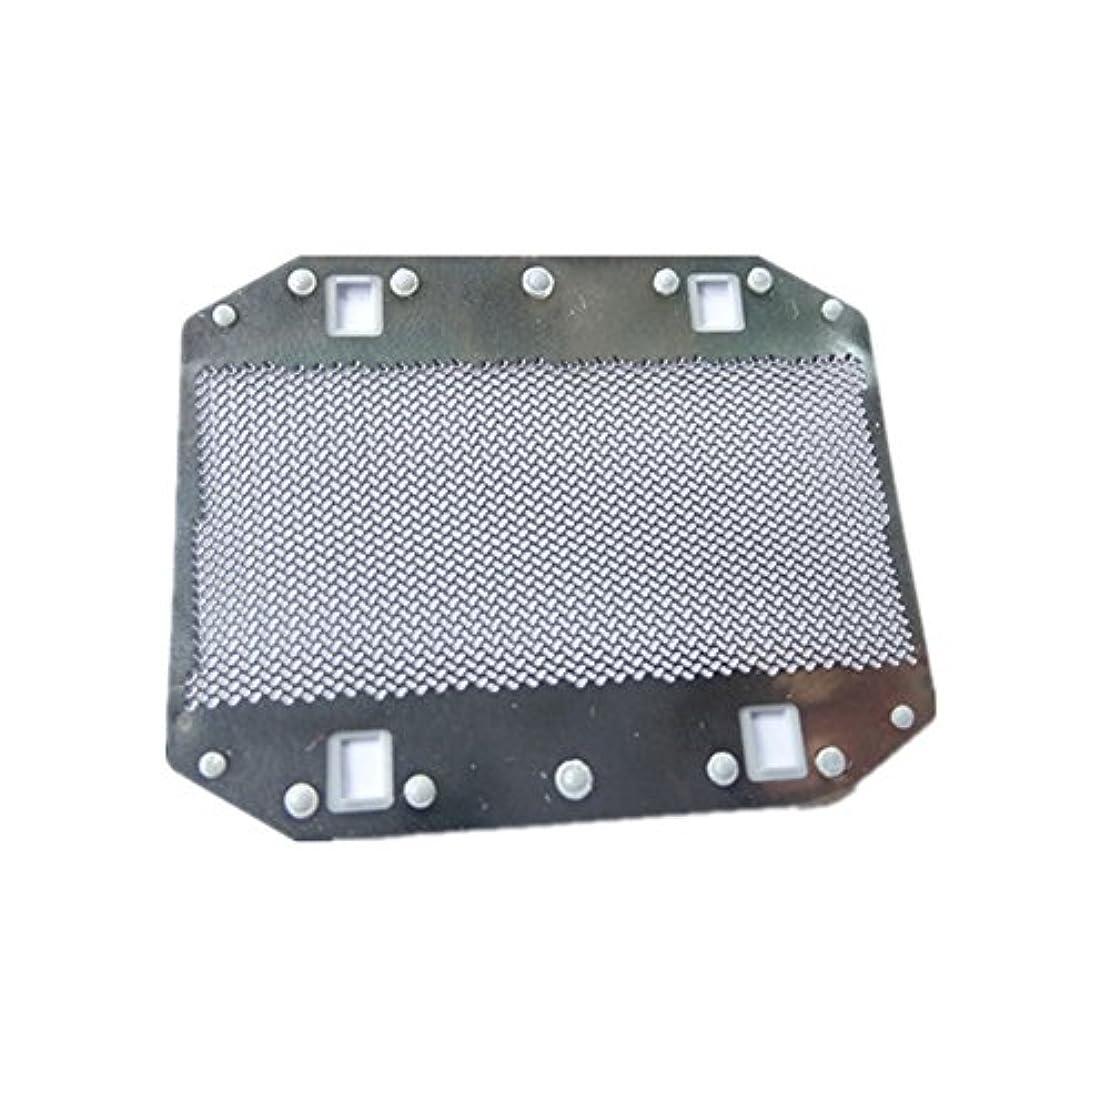 にぎやか内向き士気HZjundasi シェーバー剃刀 Outer ホイル for Panasonic ES3050/376/317/RC40/RP20 ES9943C